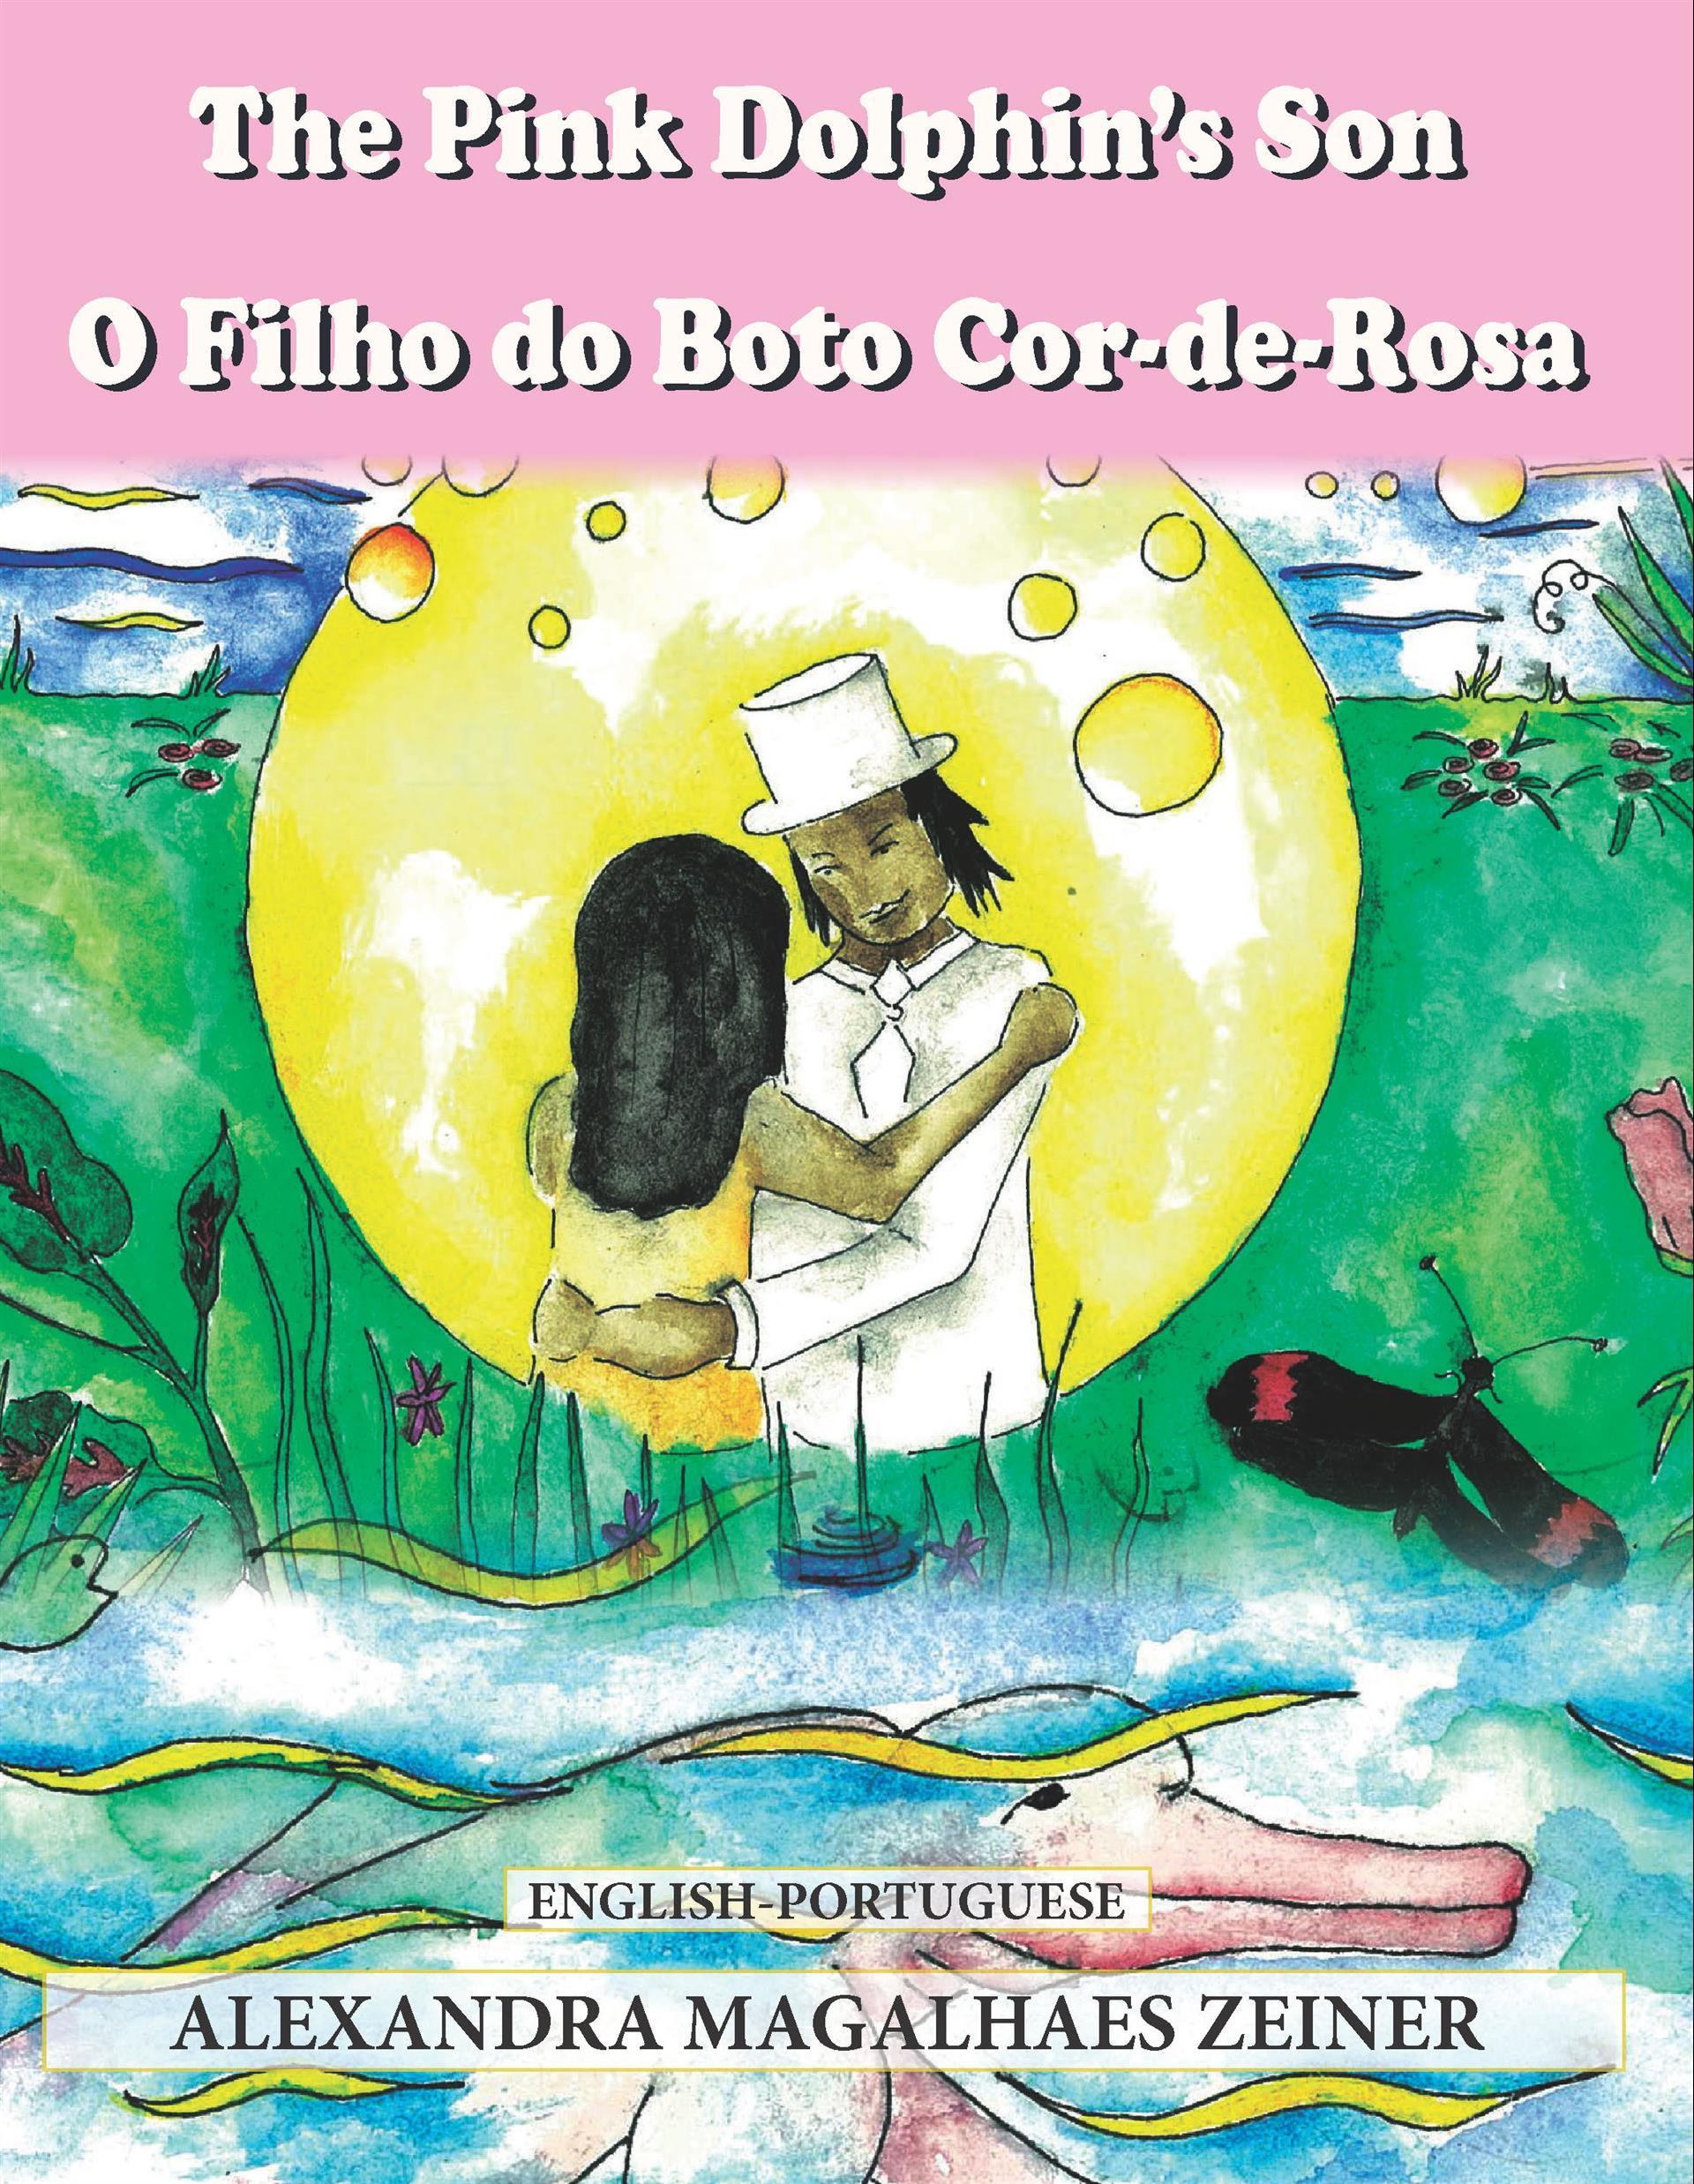 The Pink Dolphin's Son / O Filho do Boto CordeRosa